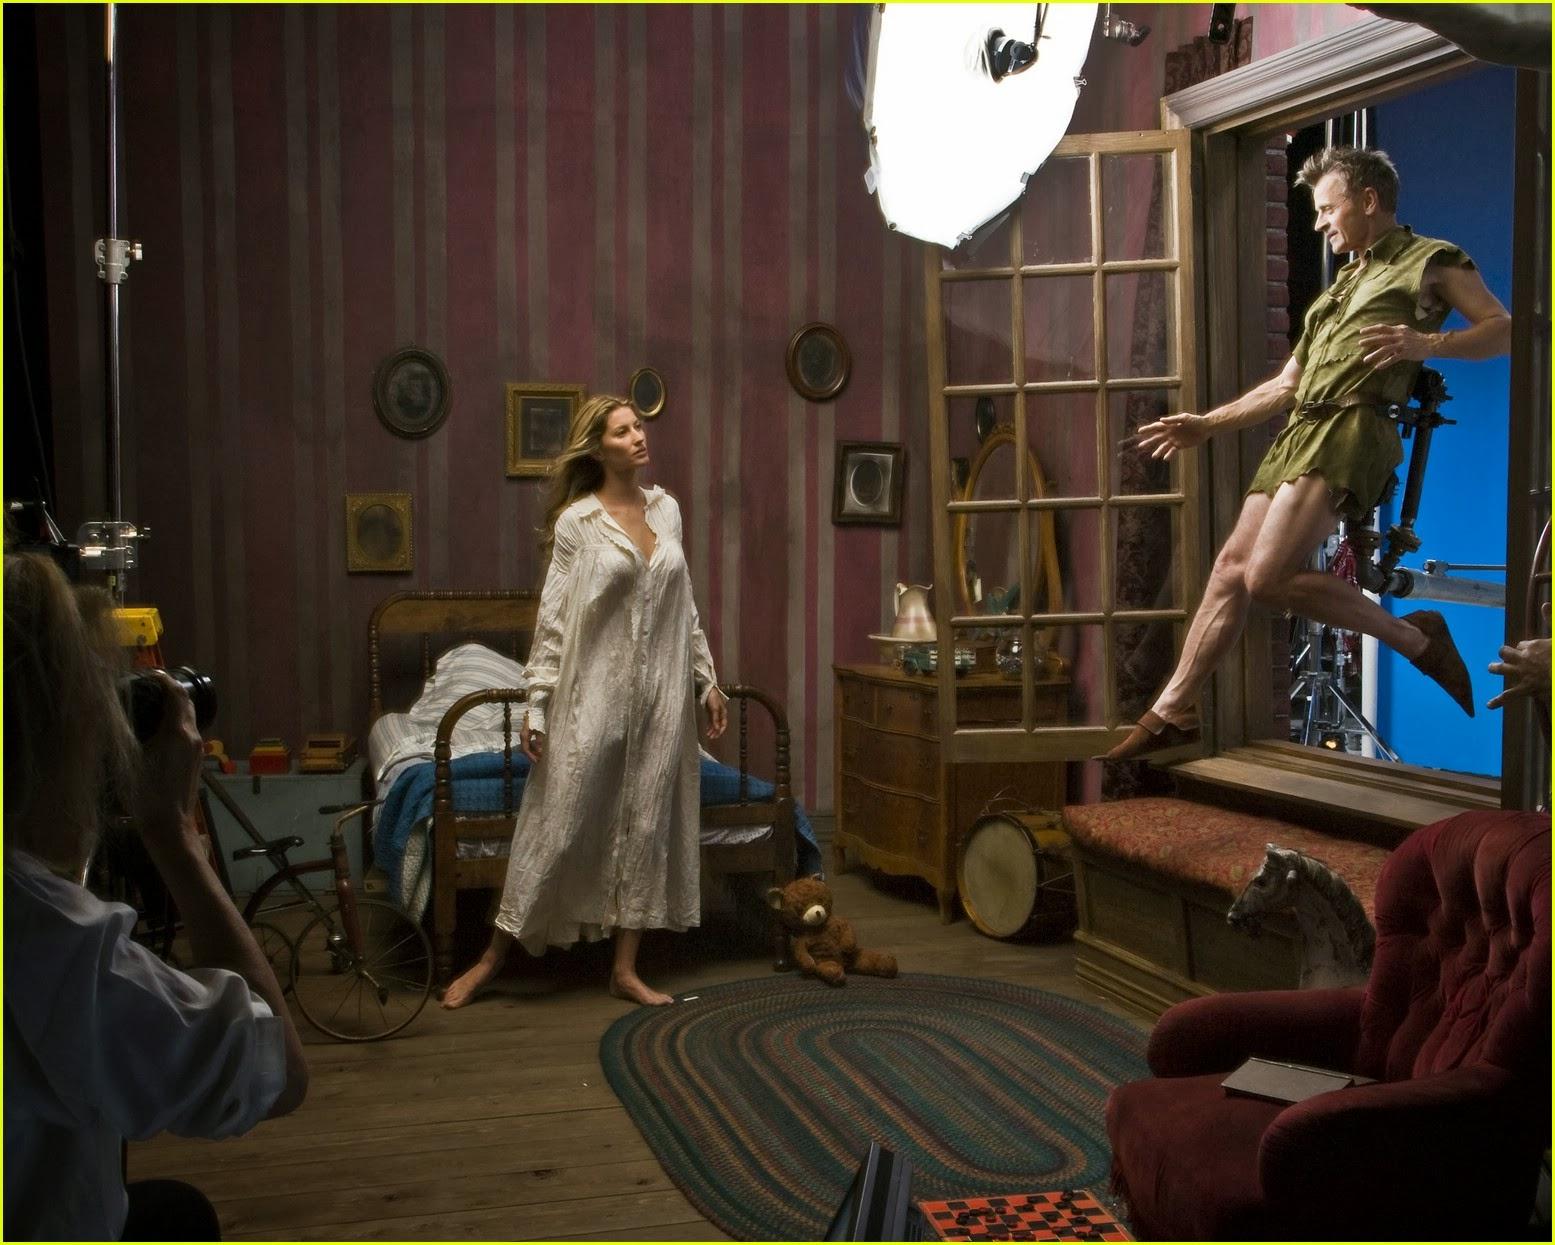 Tina Fey Tinkerbell Giselle Bundchen Mikhail Baryshnikov animatedfilmreviews.filminspector.com